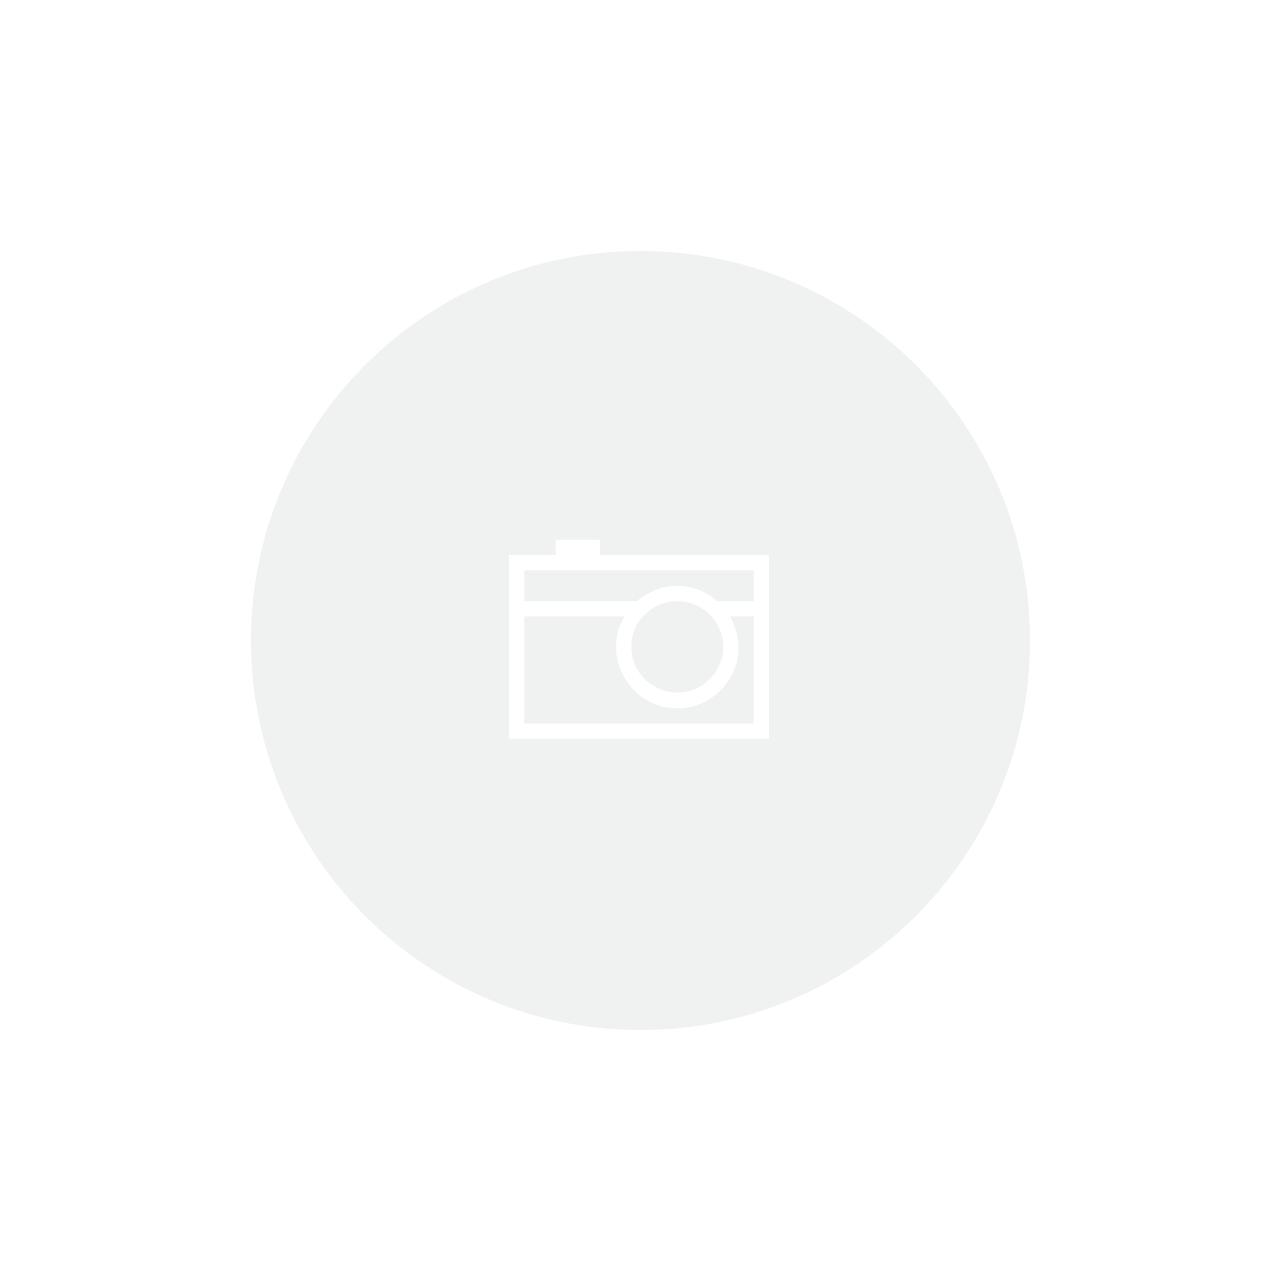 Caixa Plástica com Dobradiças - 200x140x140mm